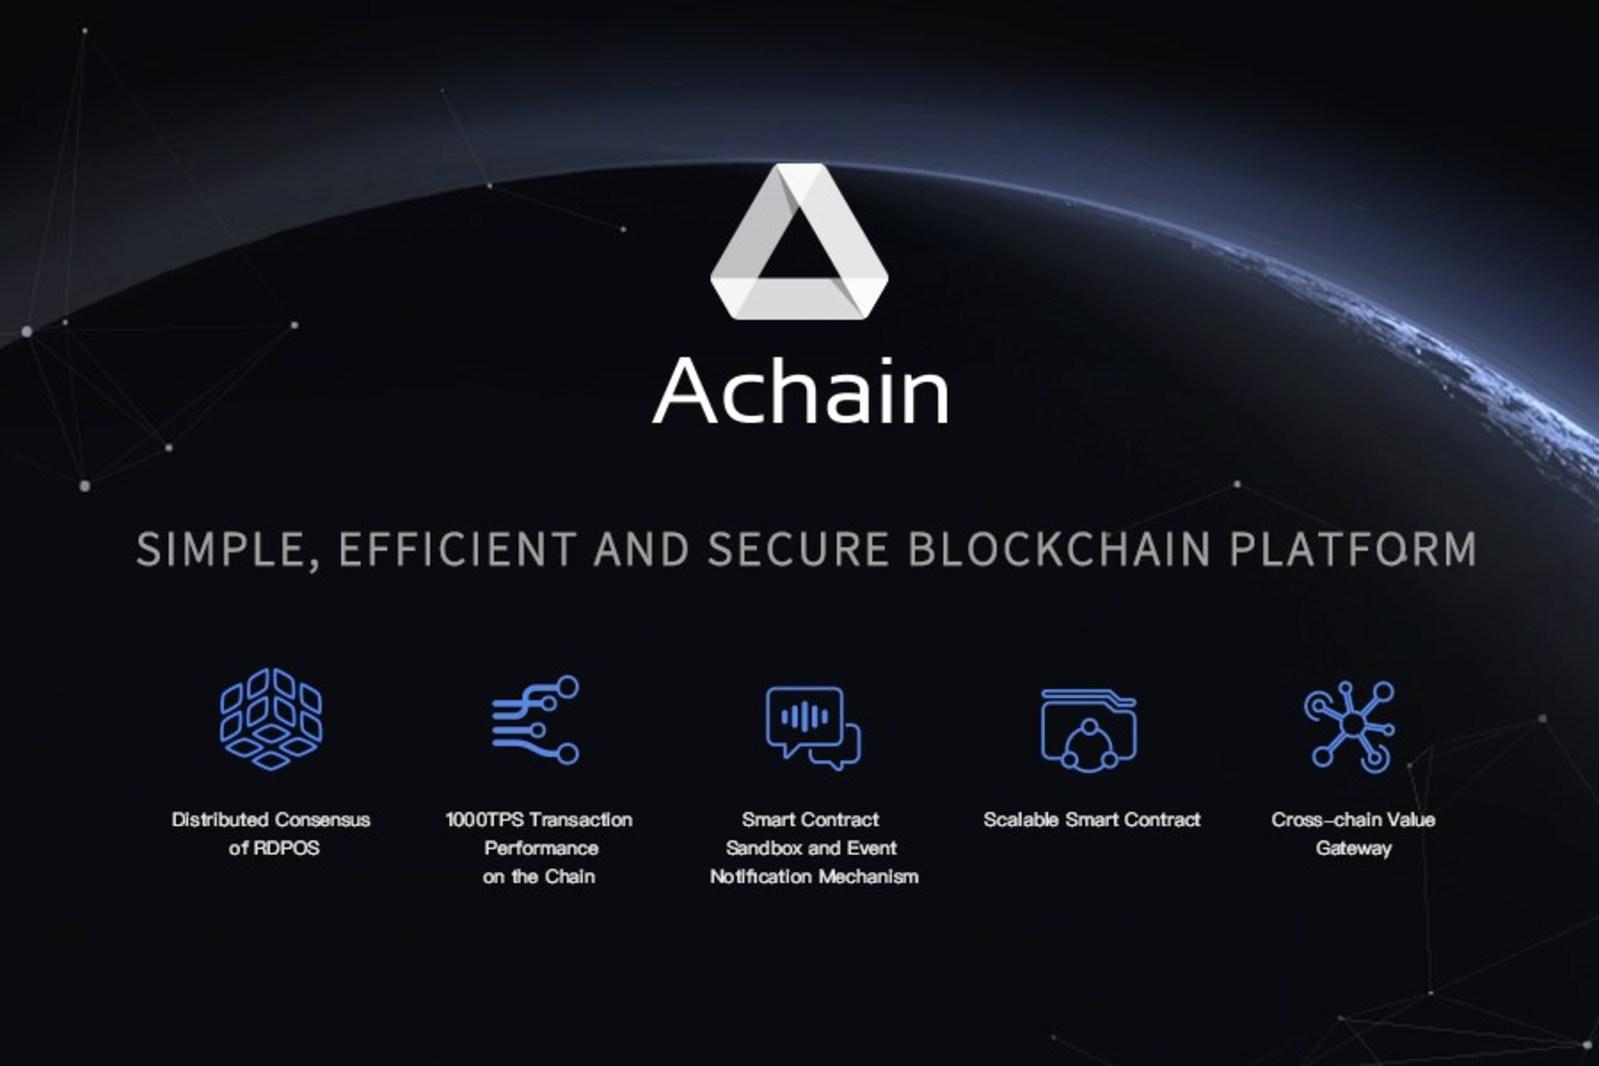 Achain криптовалюта